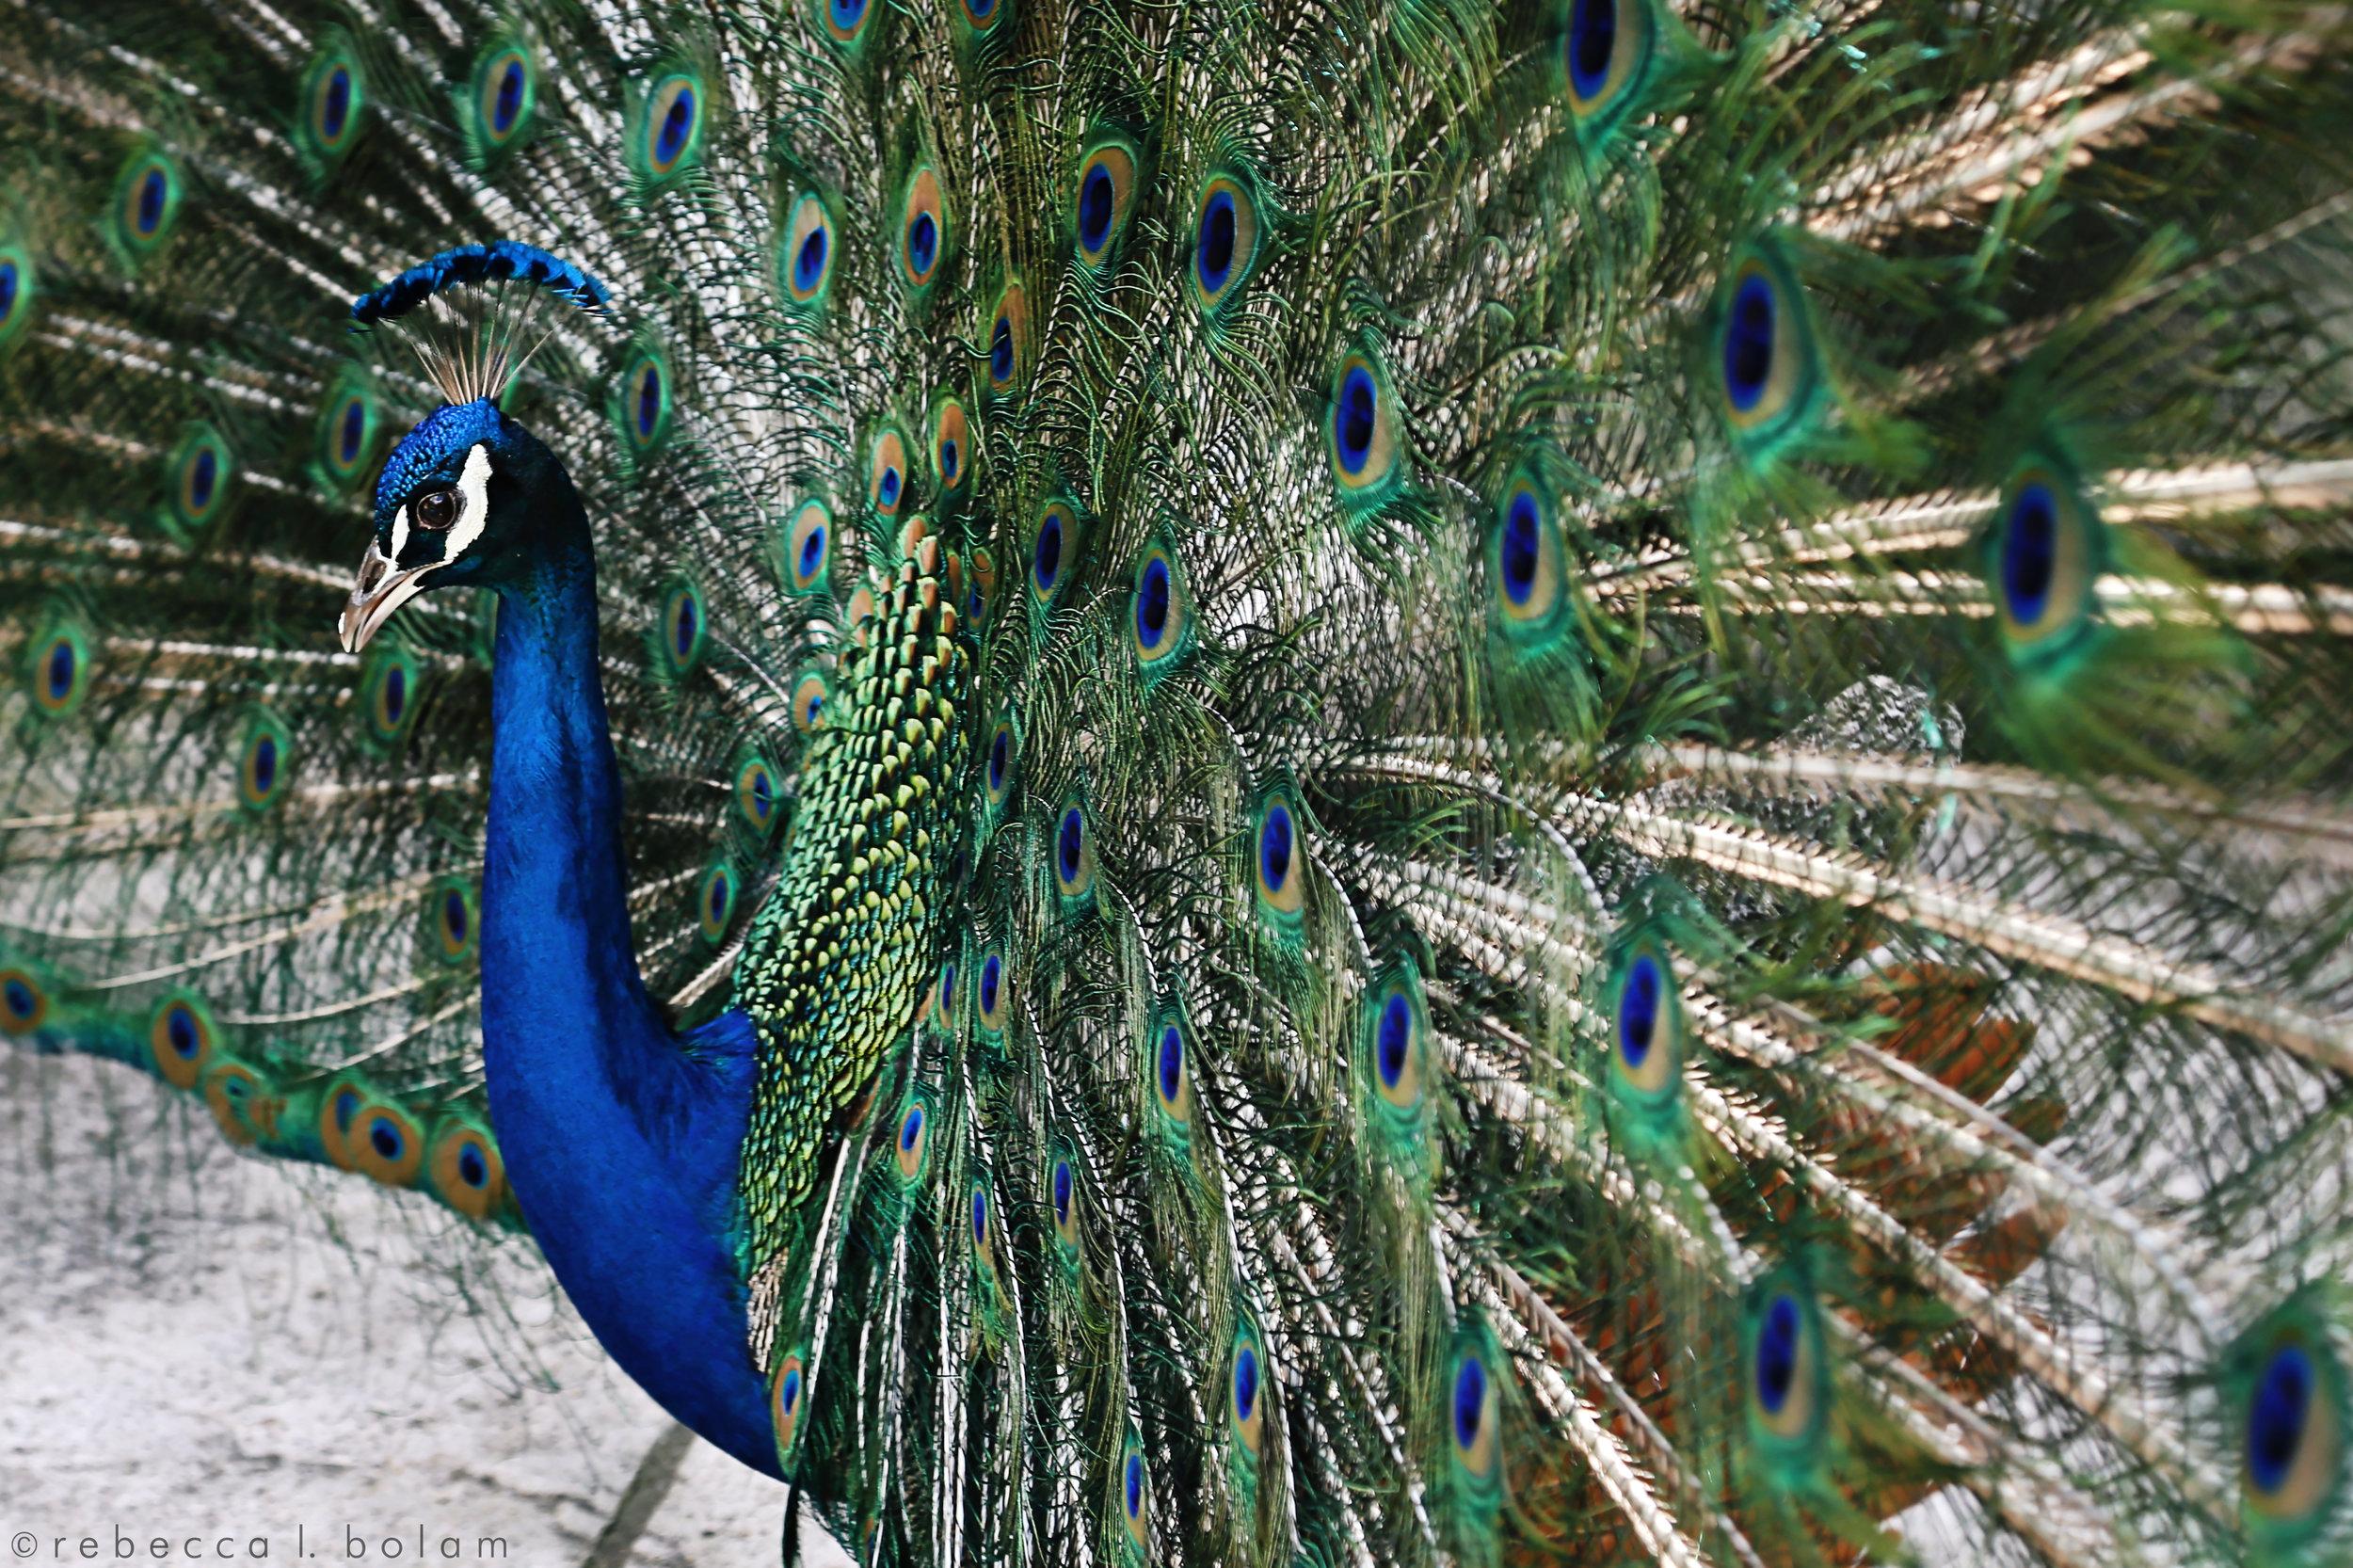 Peacock April 2017.jpg